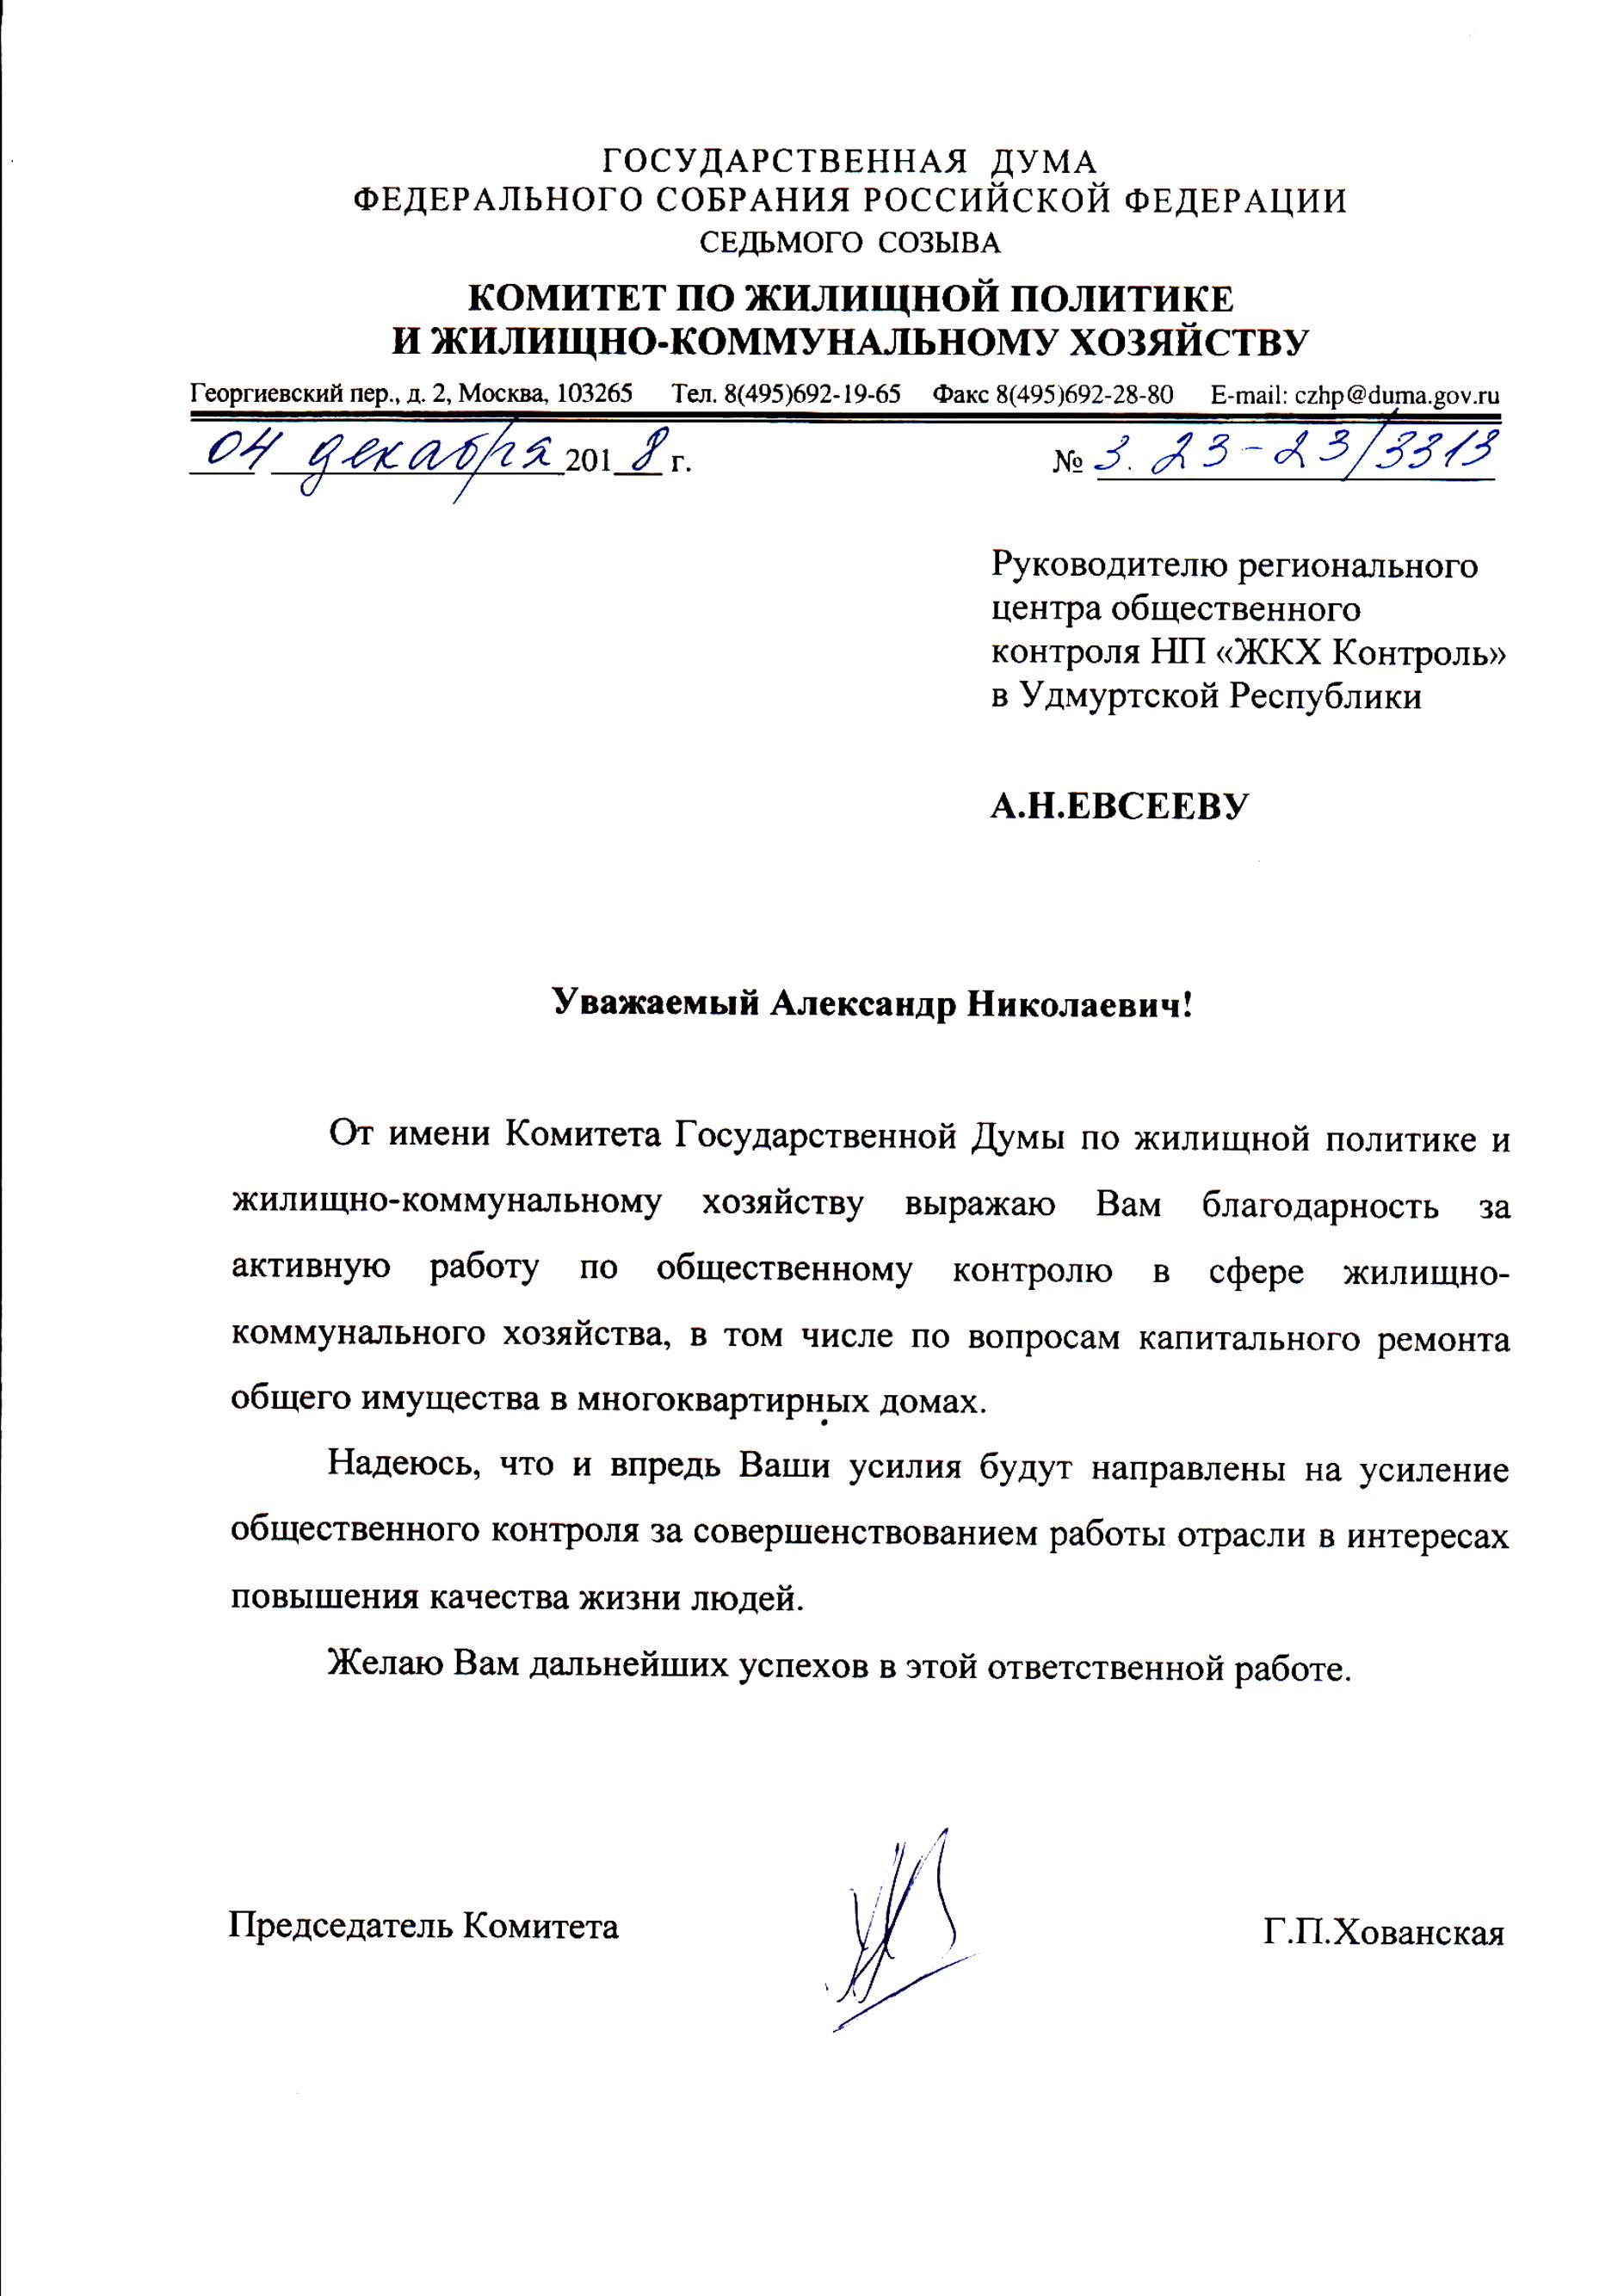 Благодарность Комитета Госдумы РФ-1